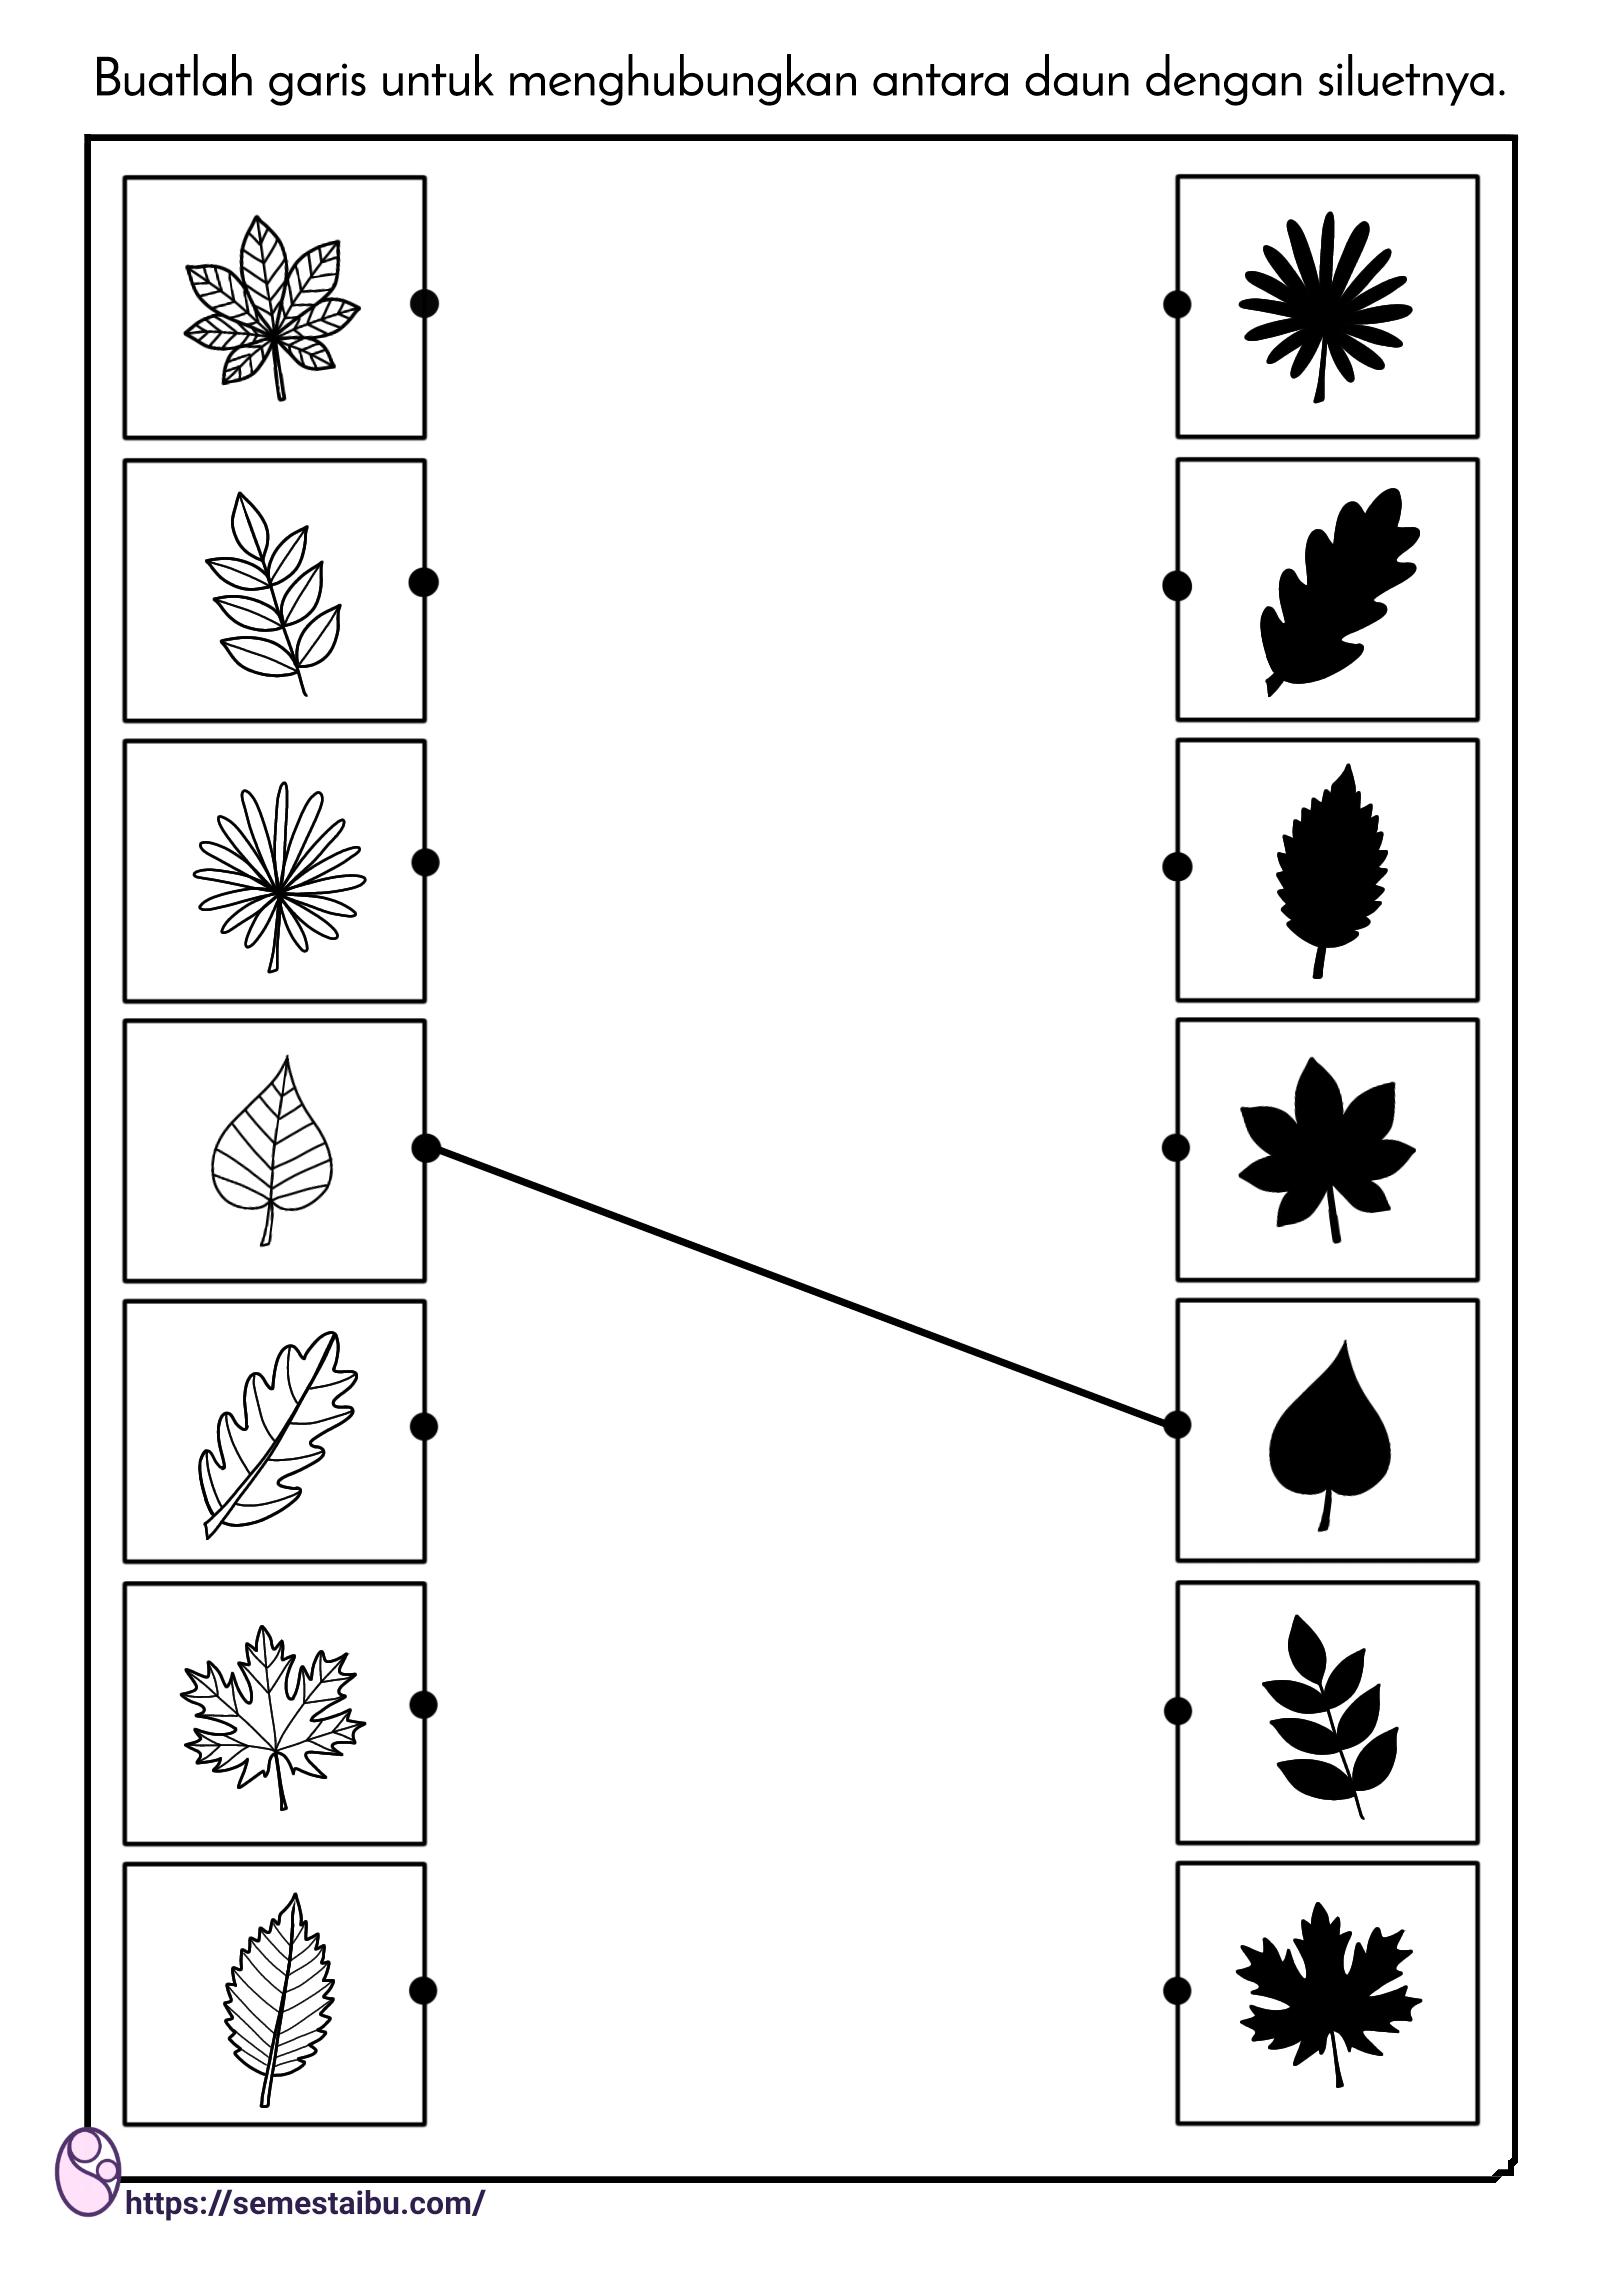 lembar kerja siluet daun - mencocokkan gambar